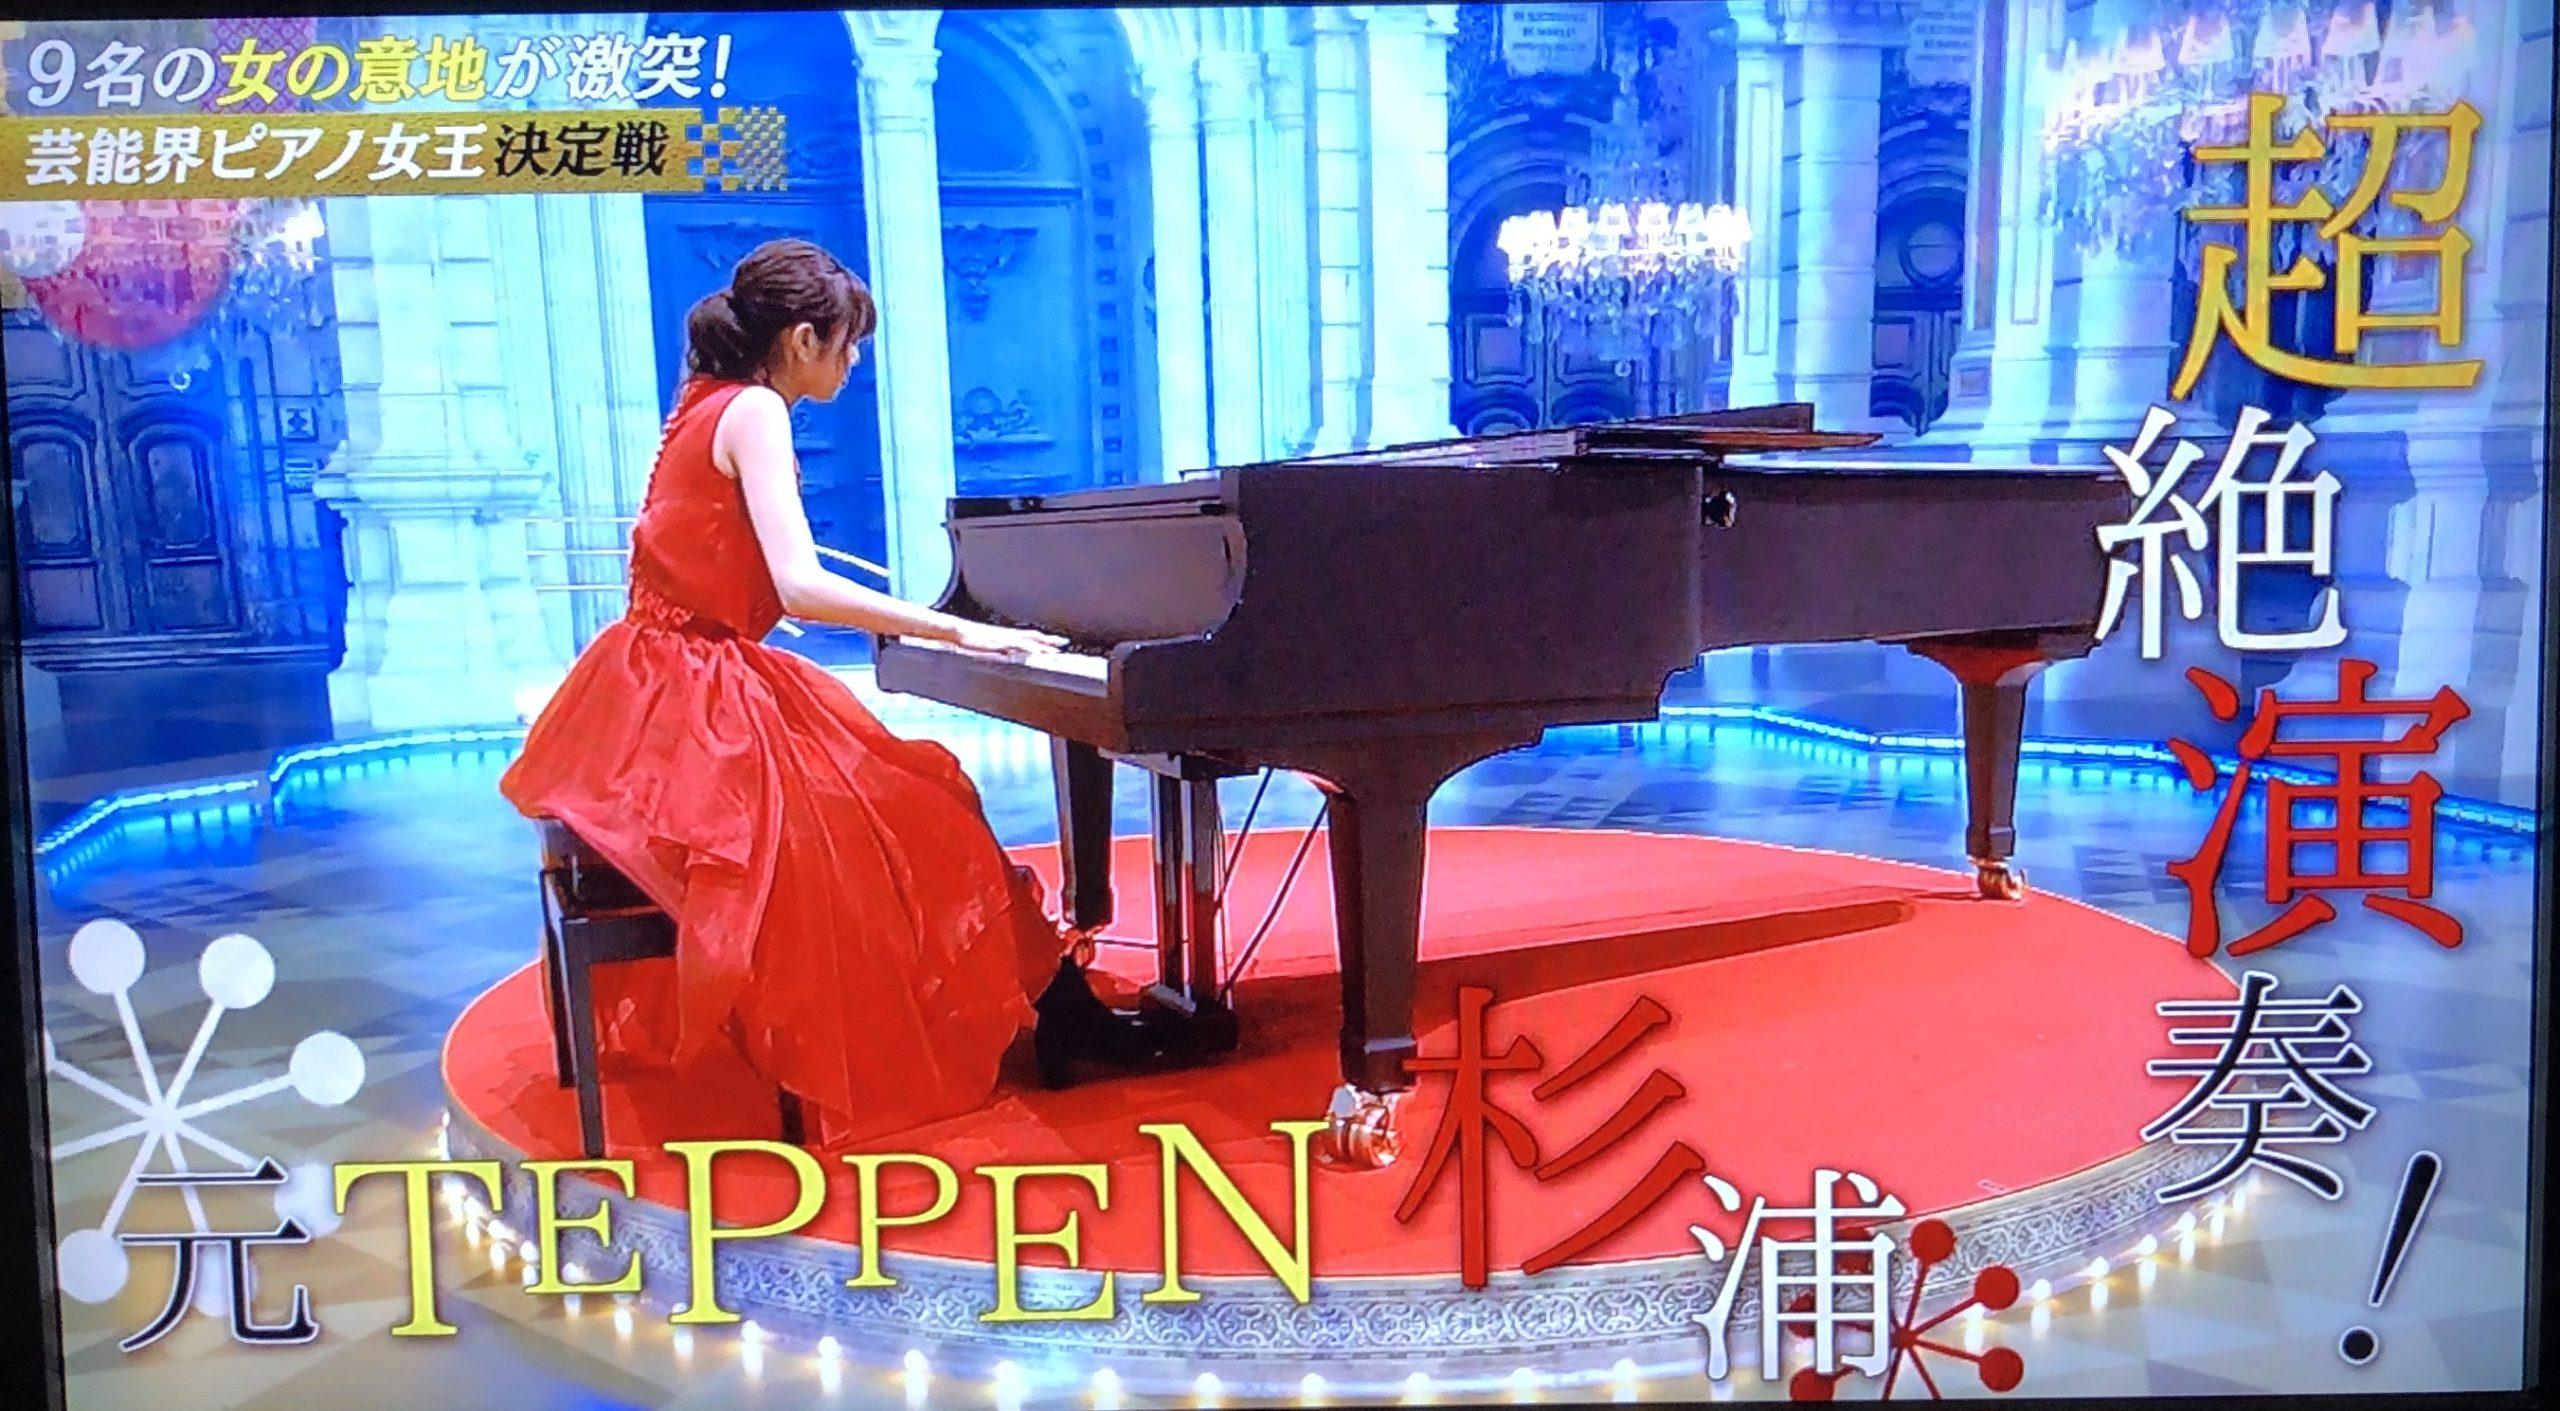 TEPPEN(テッペン)ピアノ2020秋の結果と優勝者